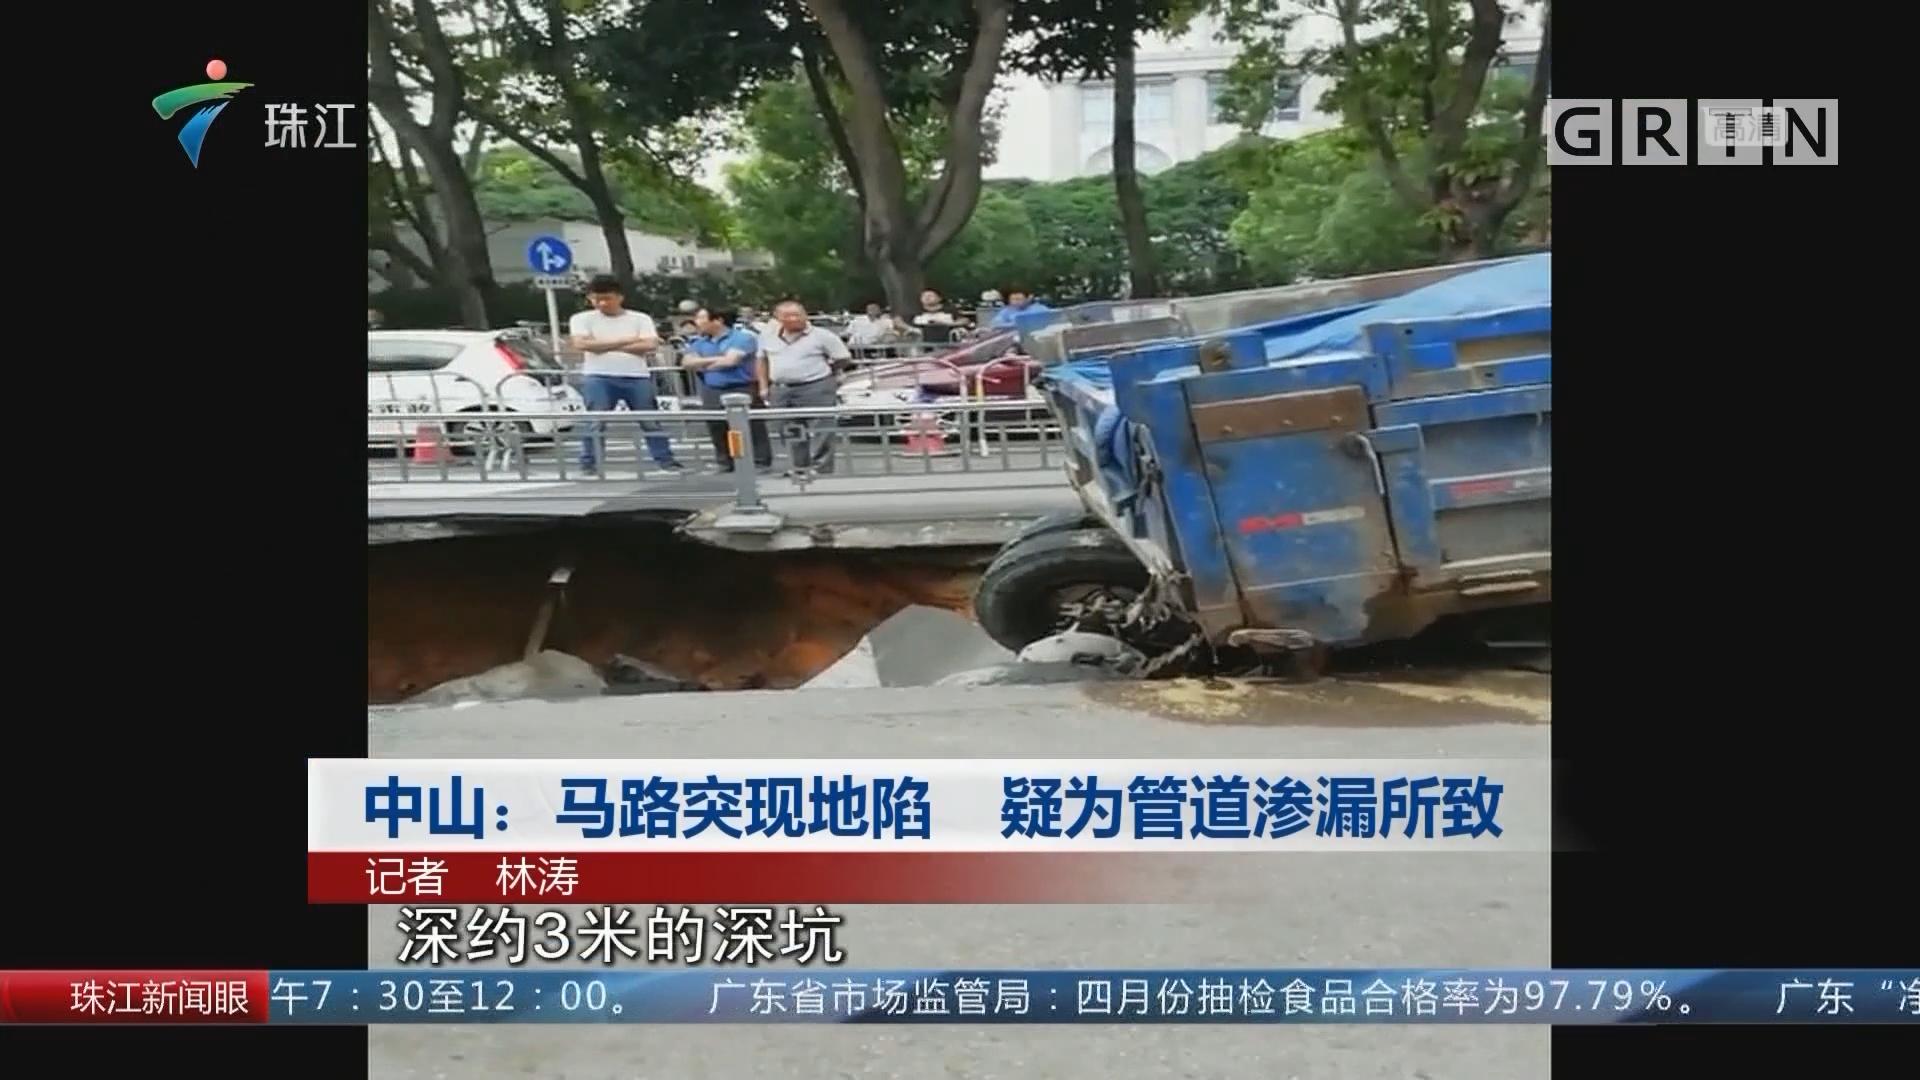 中山:马路突现地陷 疑为管道渗漏所致